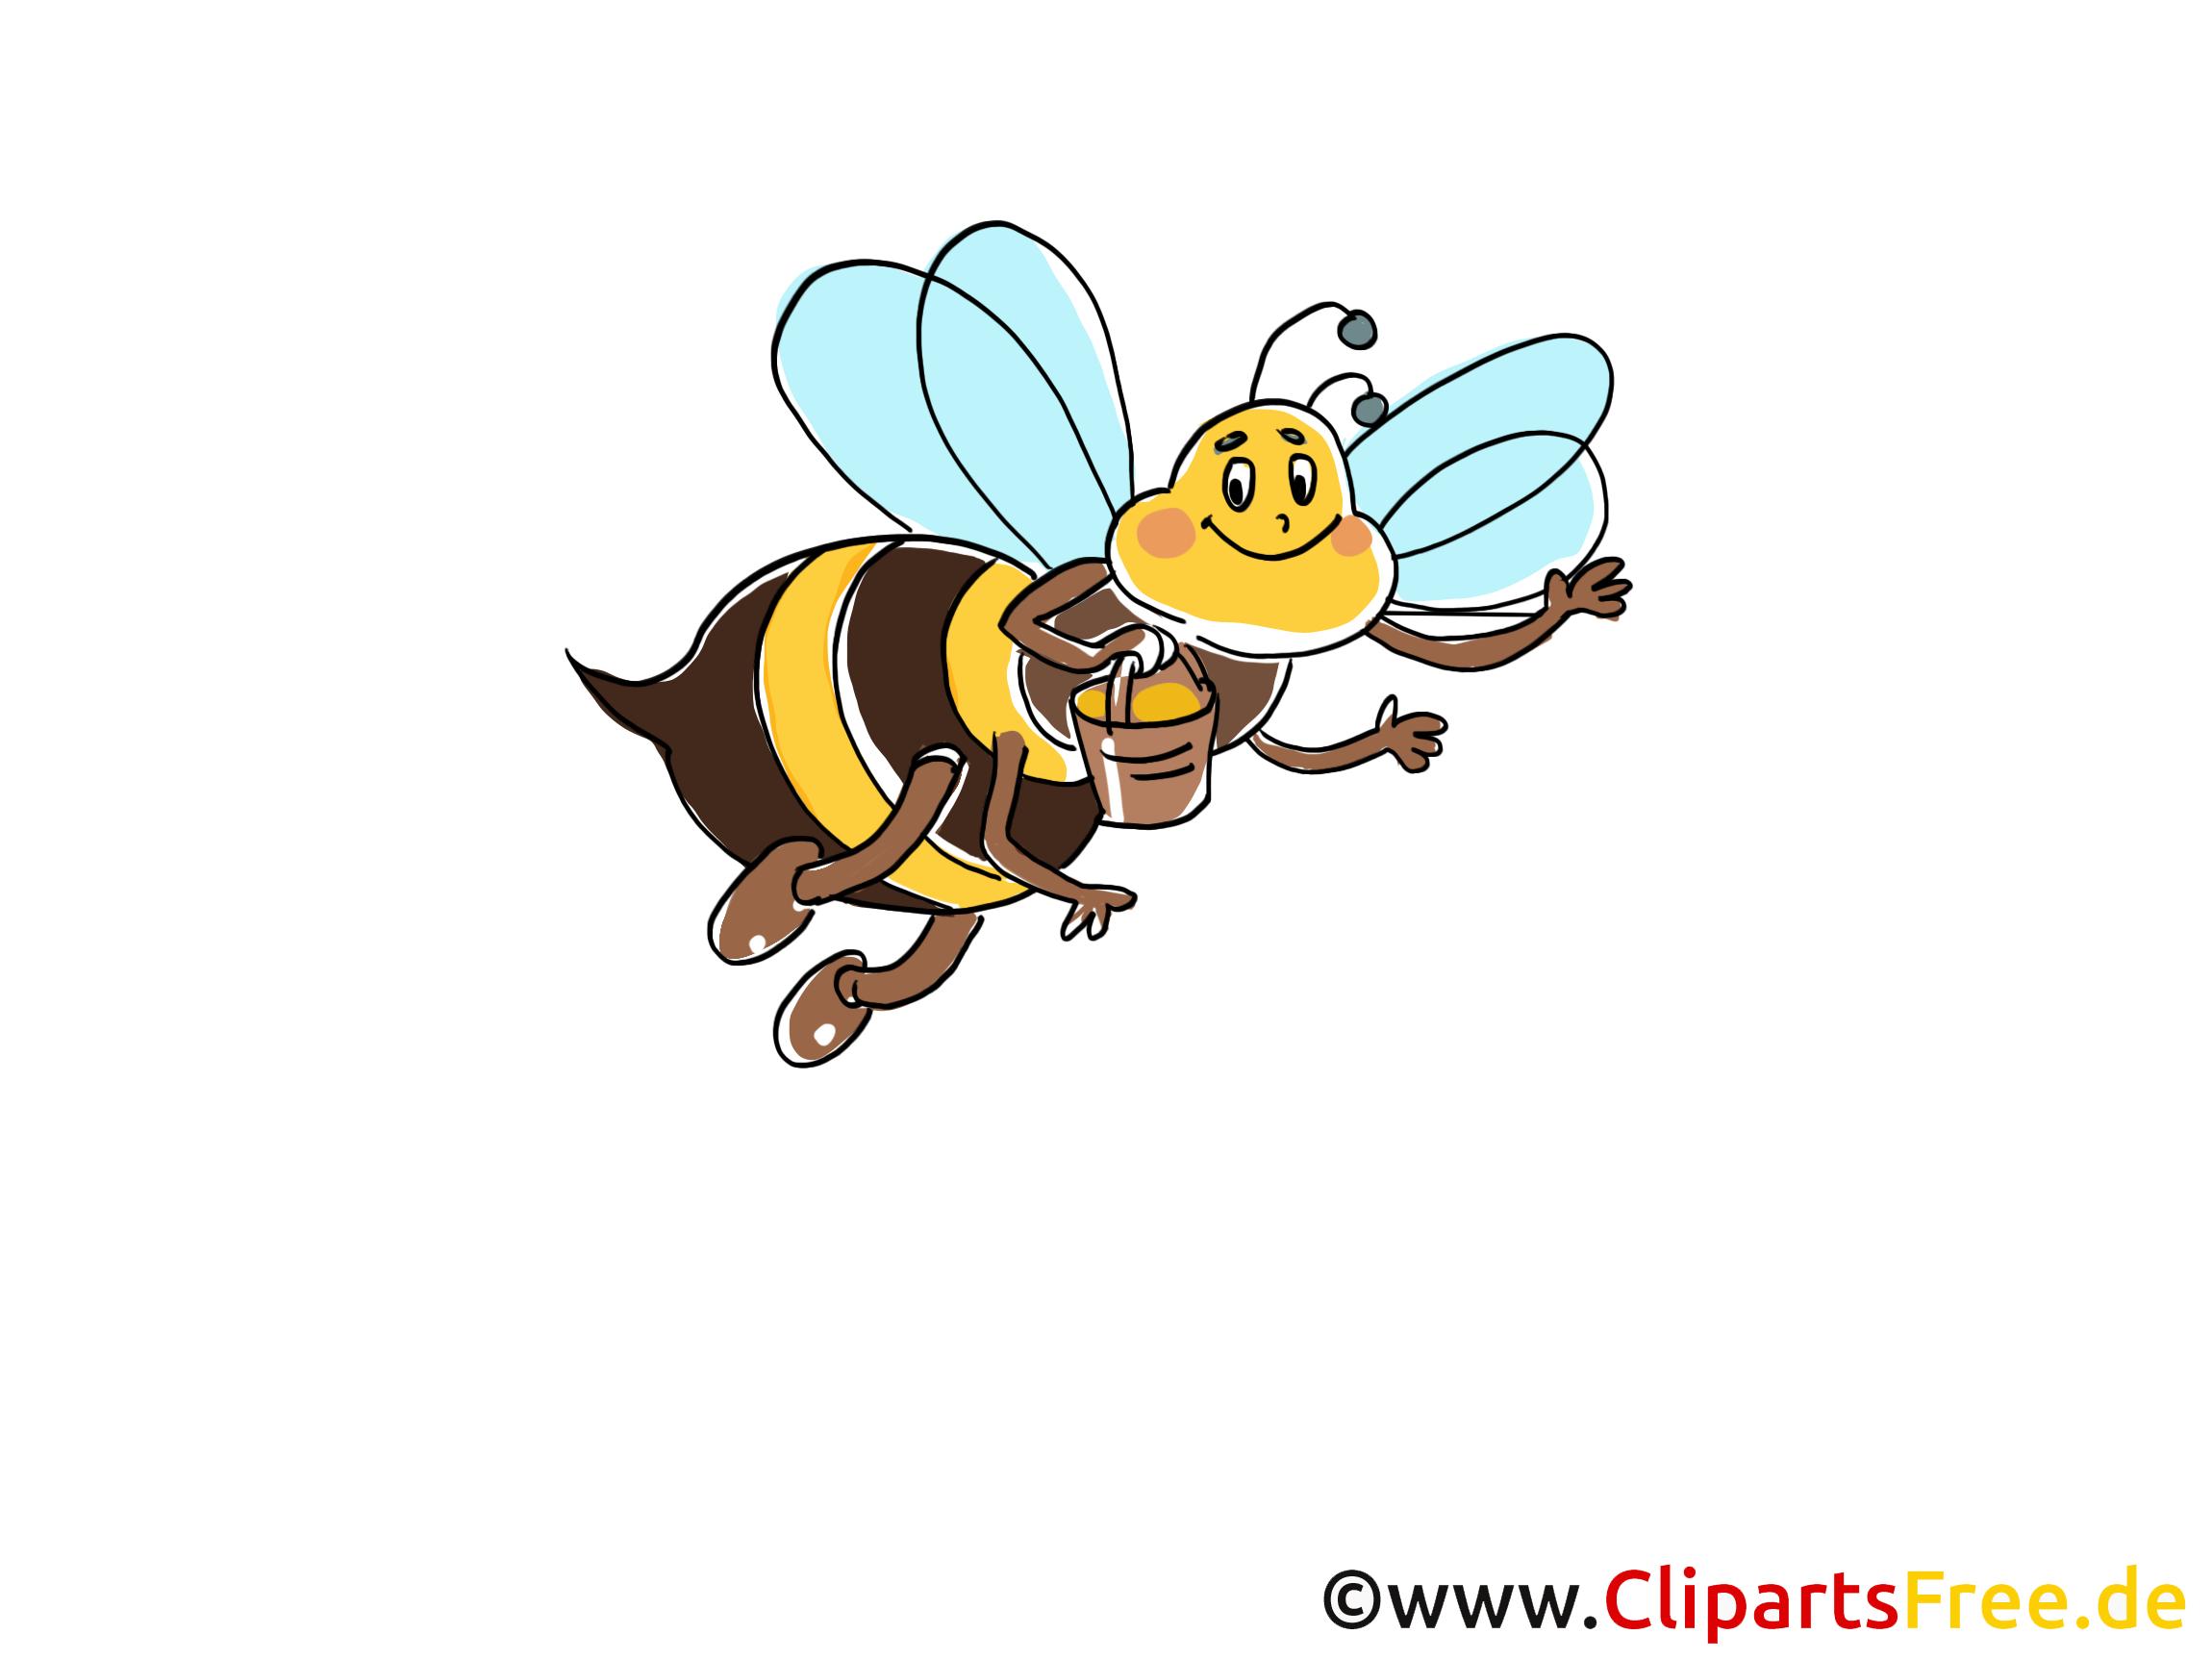 Motte clipart #2